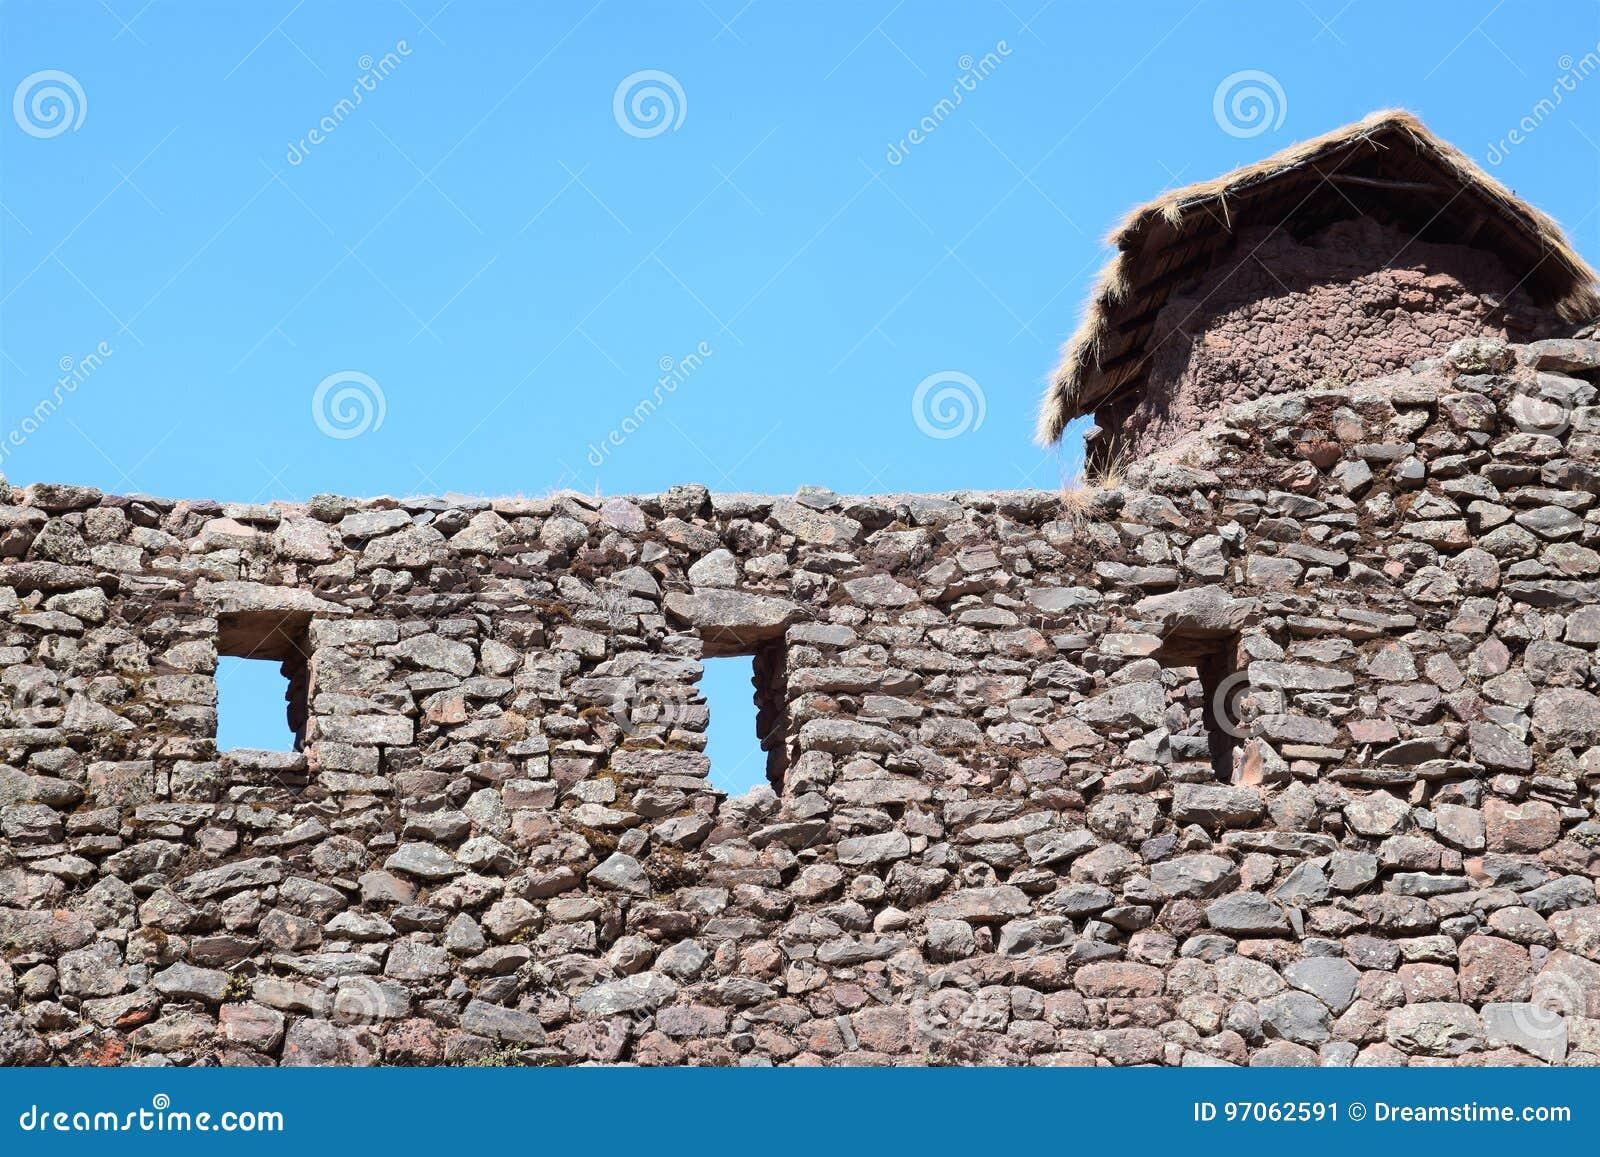 Schöne Steinwand im heiligen Tal, Peru